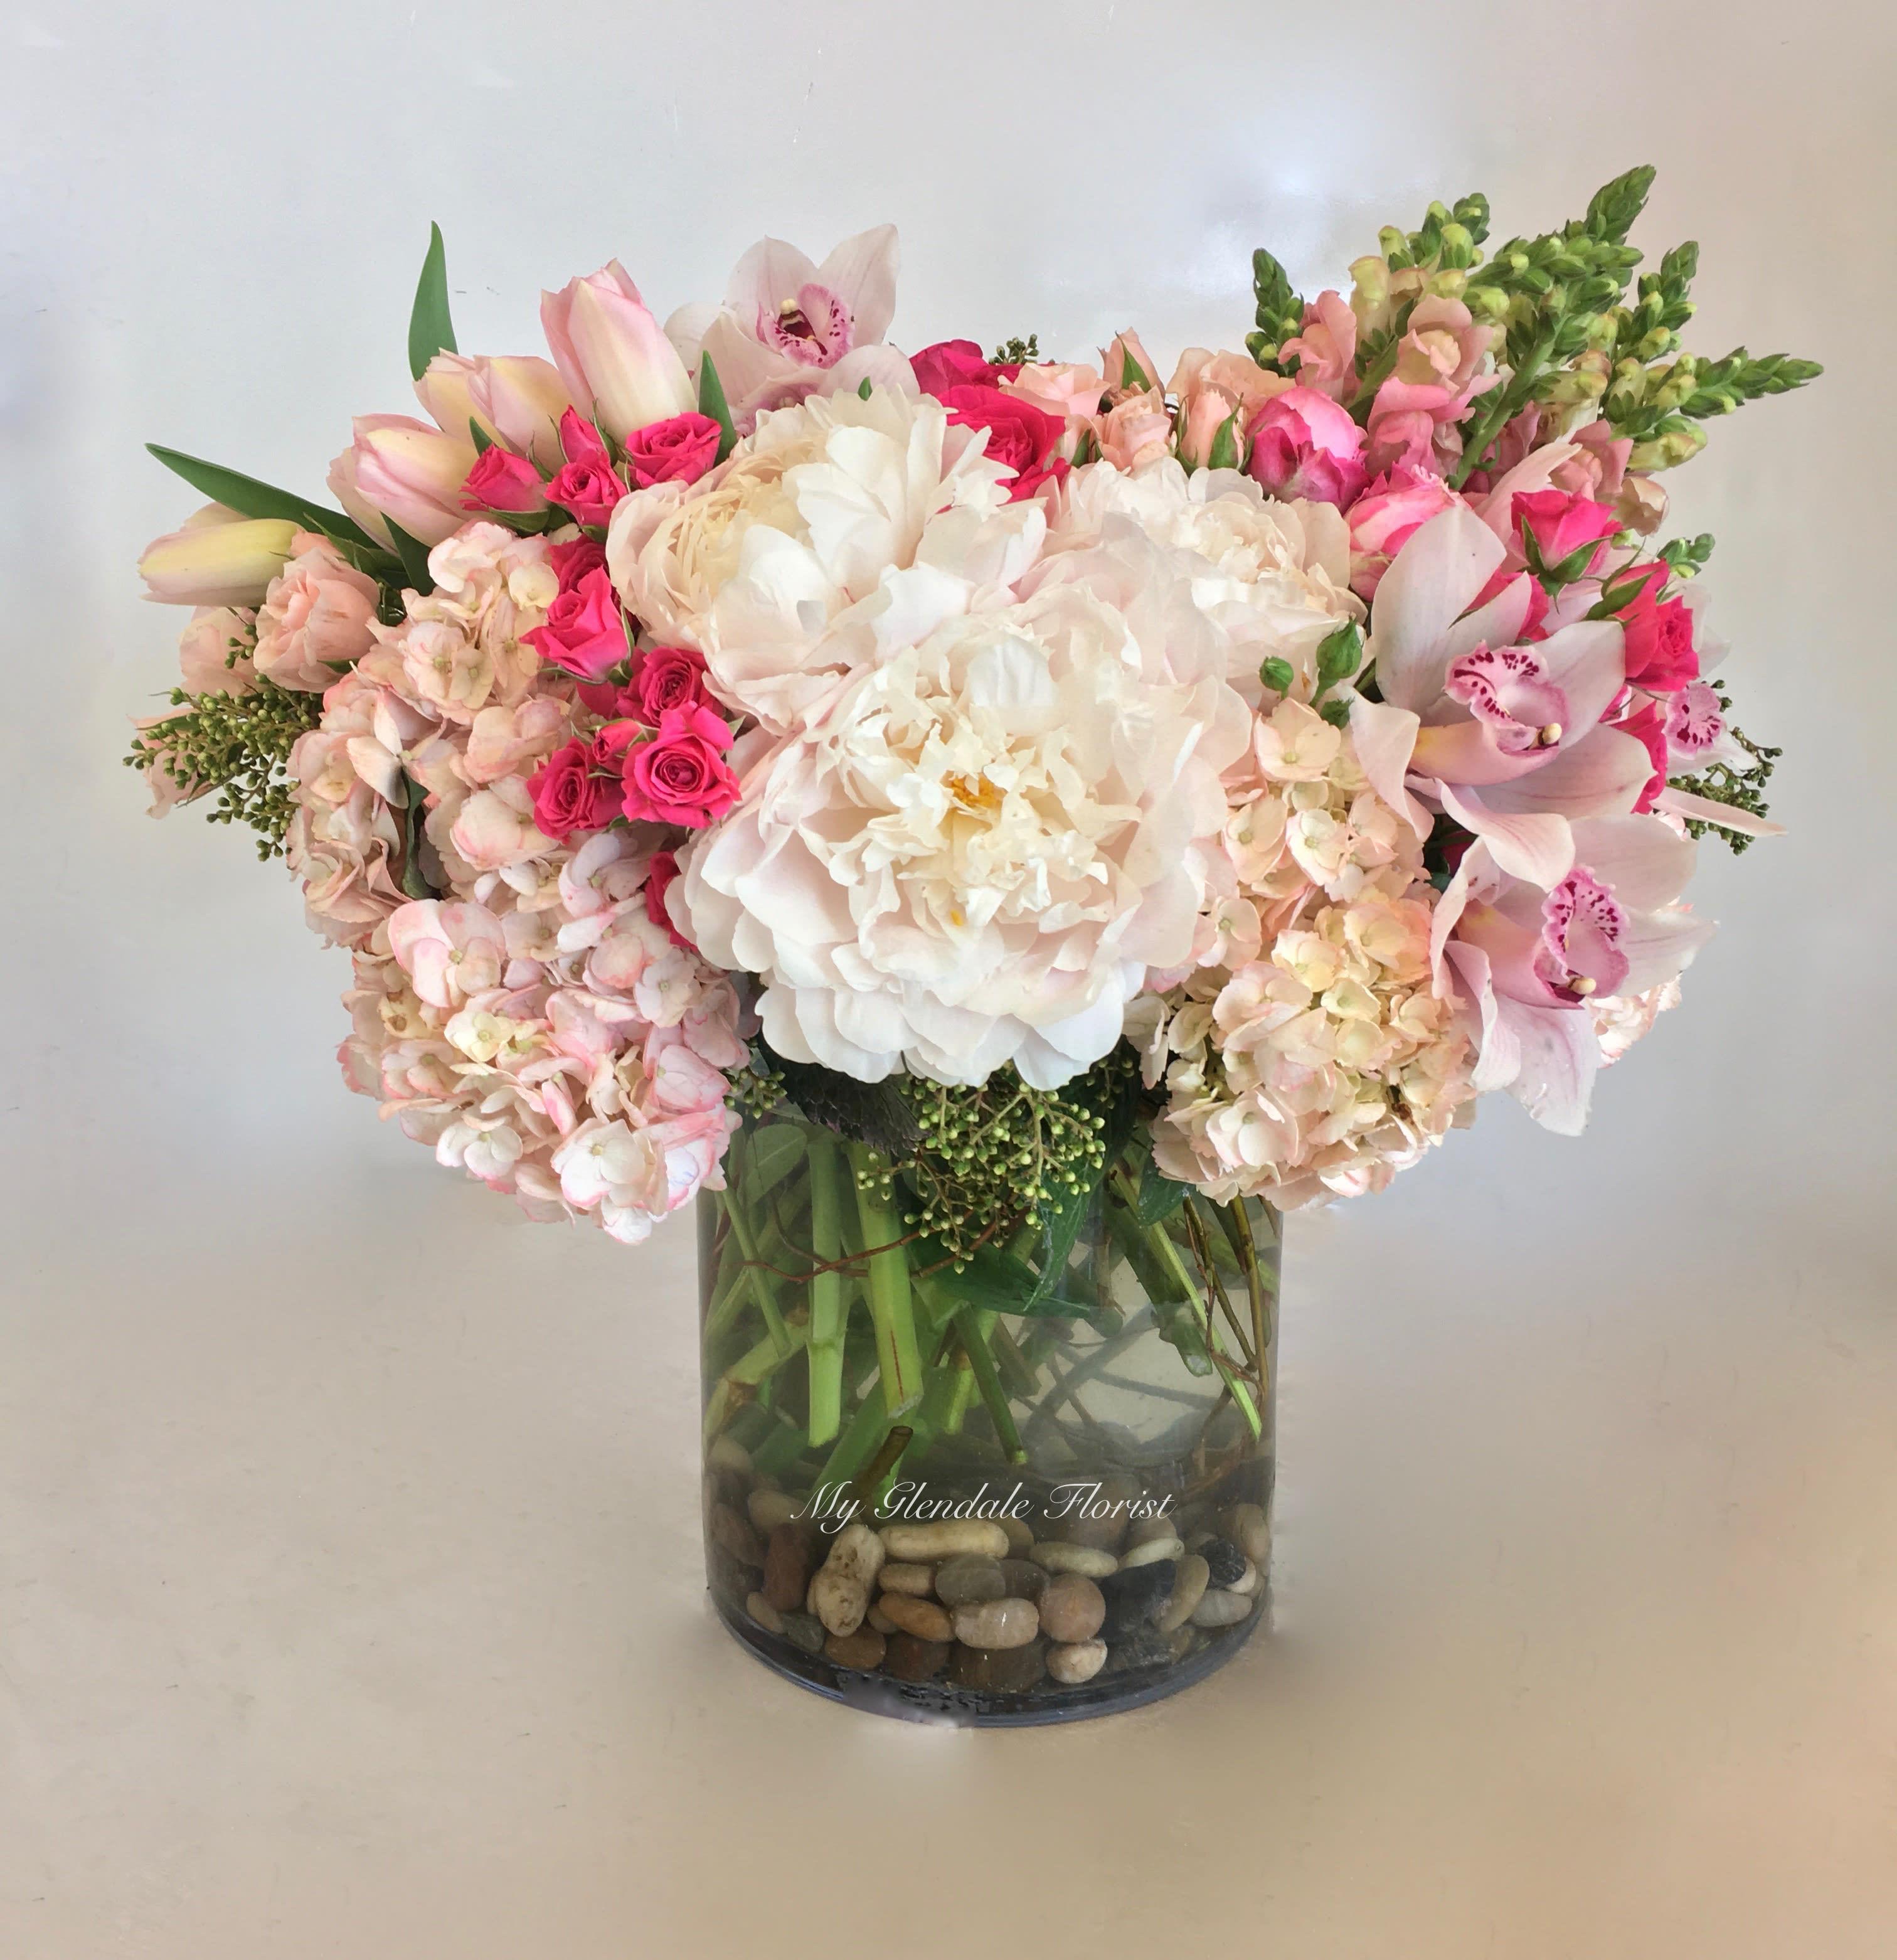 Peony Orchid Hydrangea Glendale Florist In Glendale Ca